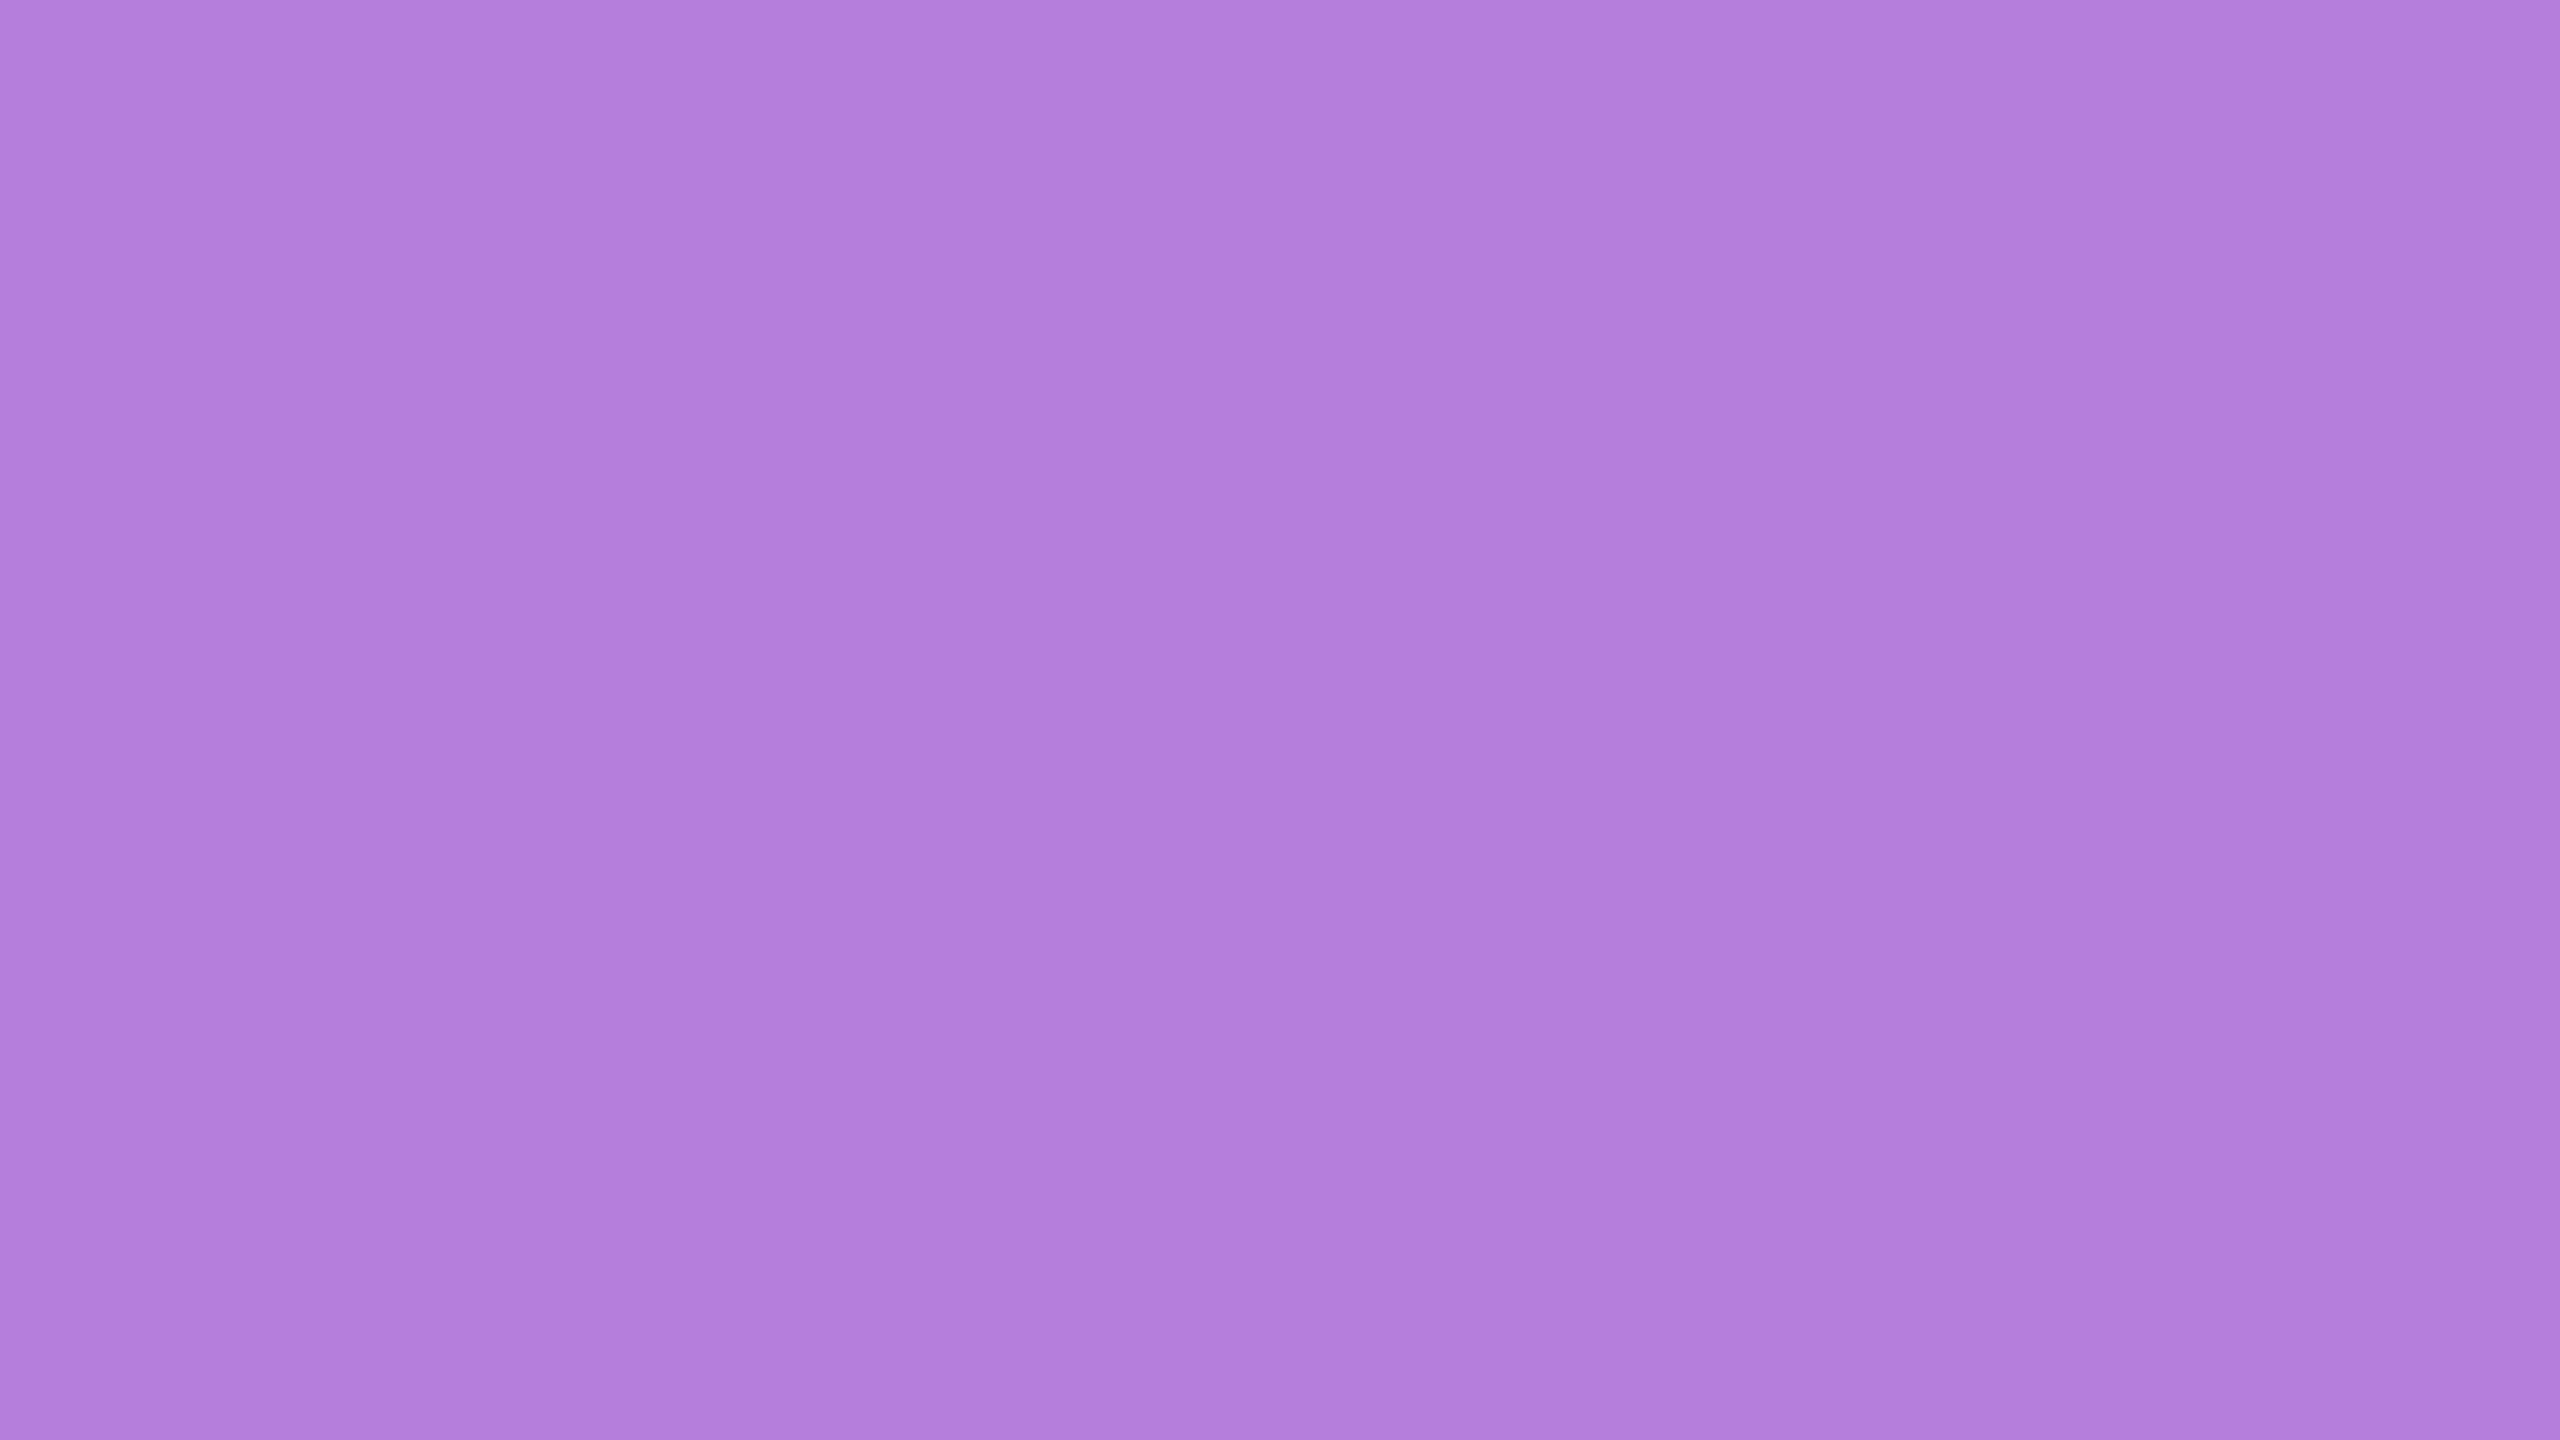 Lavender Floral Solid Color Background